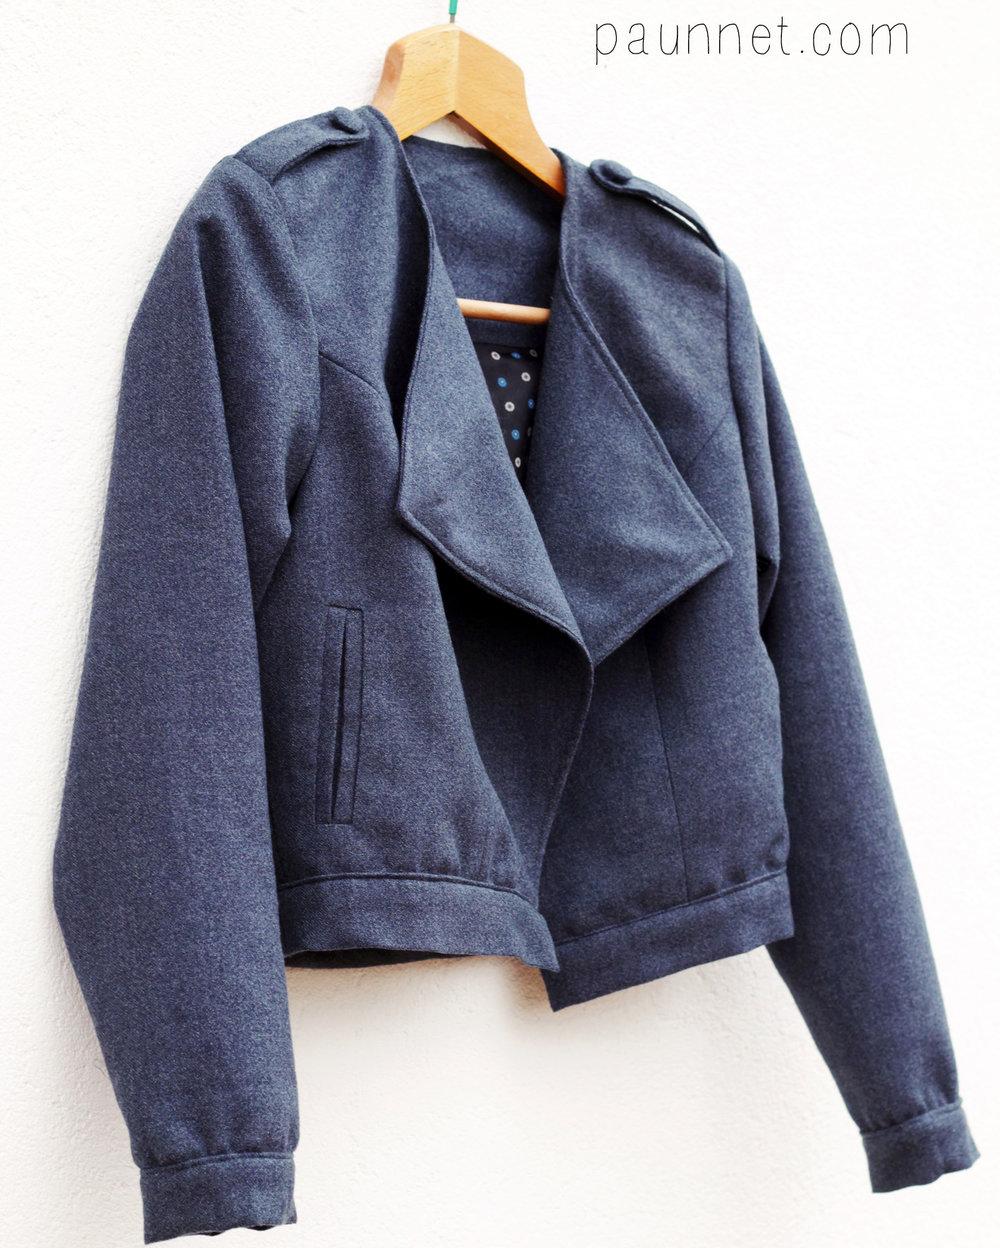 Lupin Jacket -